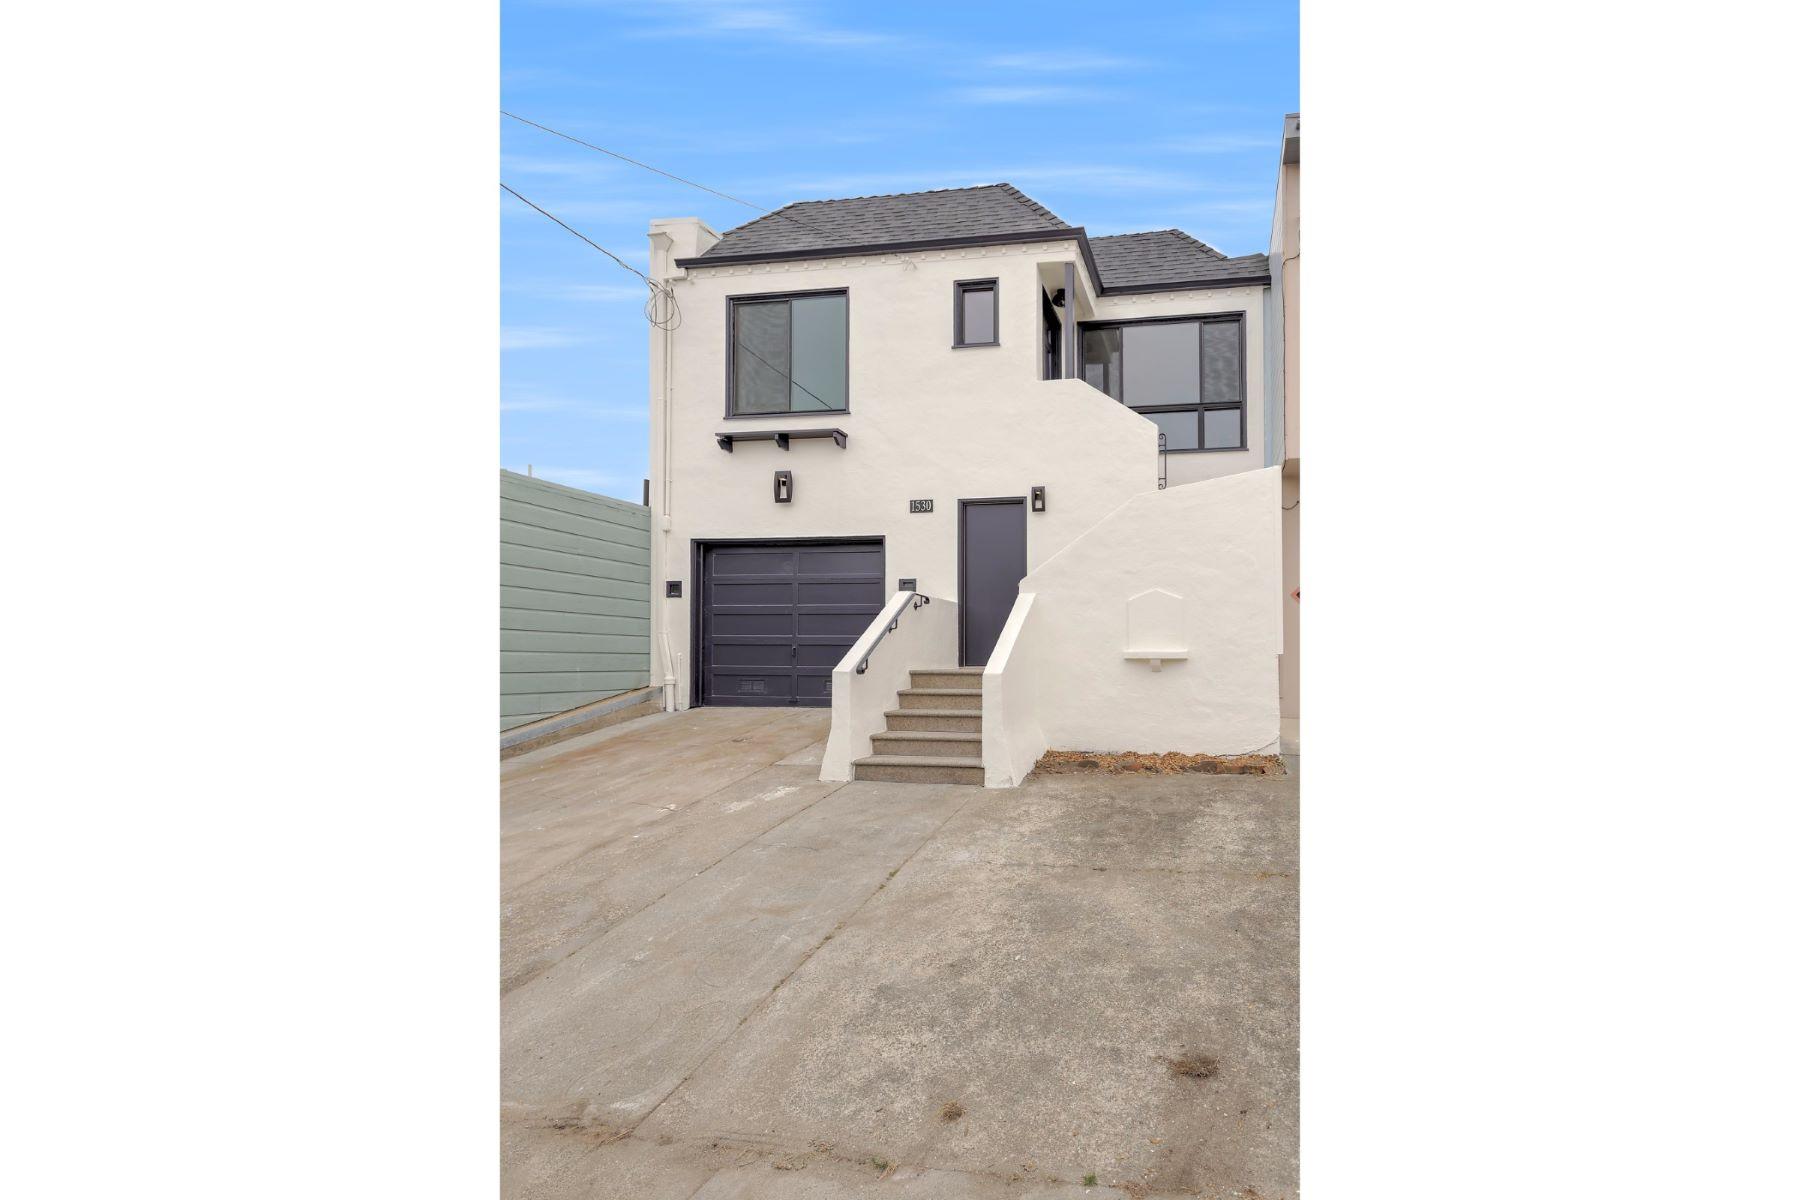 独户住宅 为 销售 在 1530 45th Avenue 旧金山, 加利福尼亚州, 94122 美国